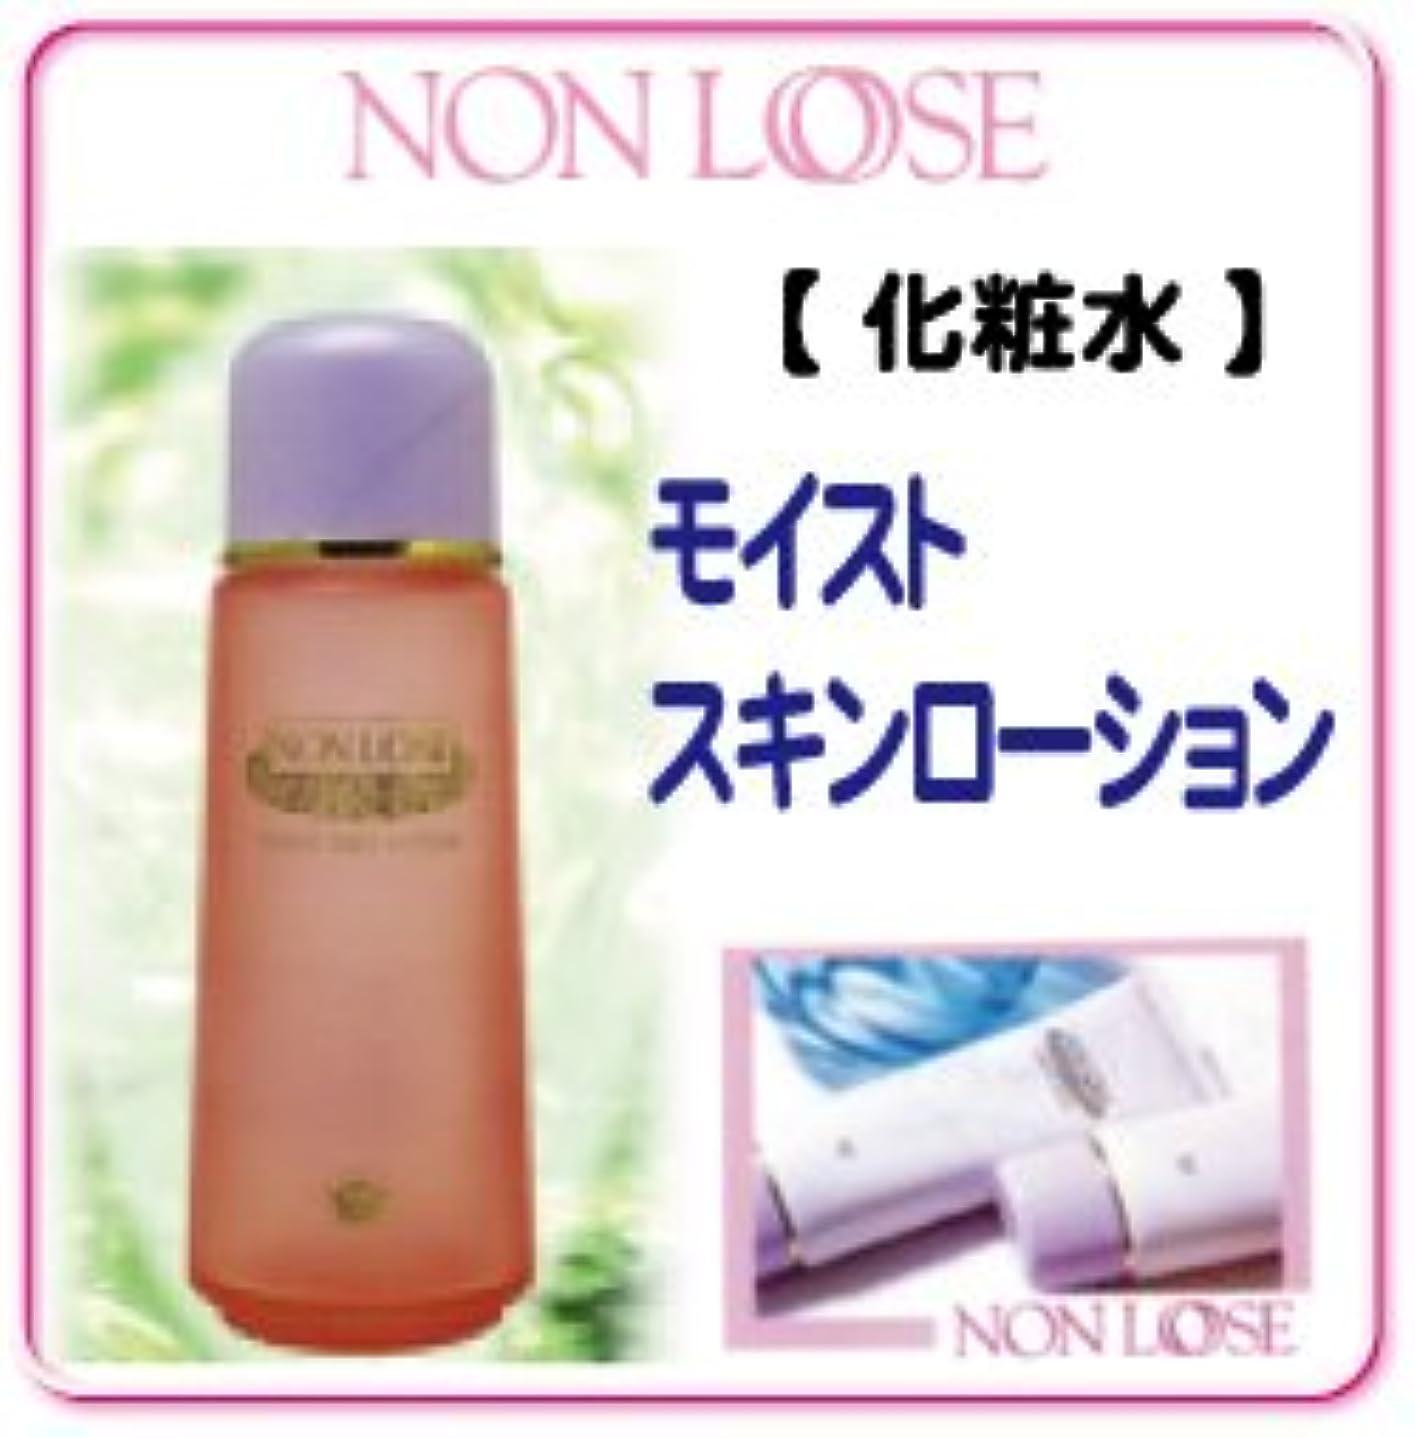 温度クルー軍ベルマン化粧品:モイストスキンローション(120ml)